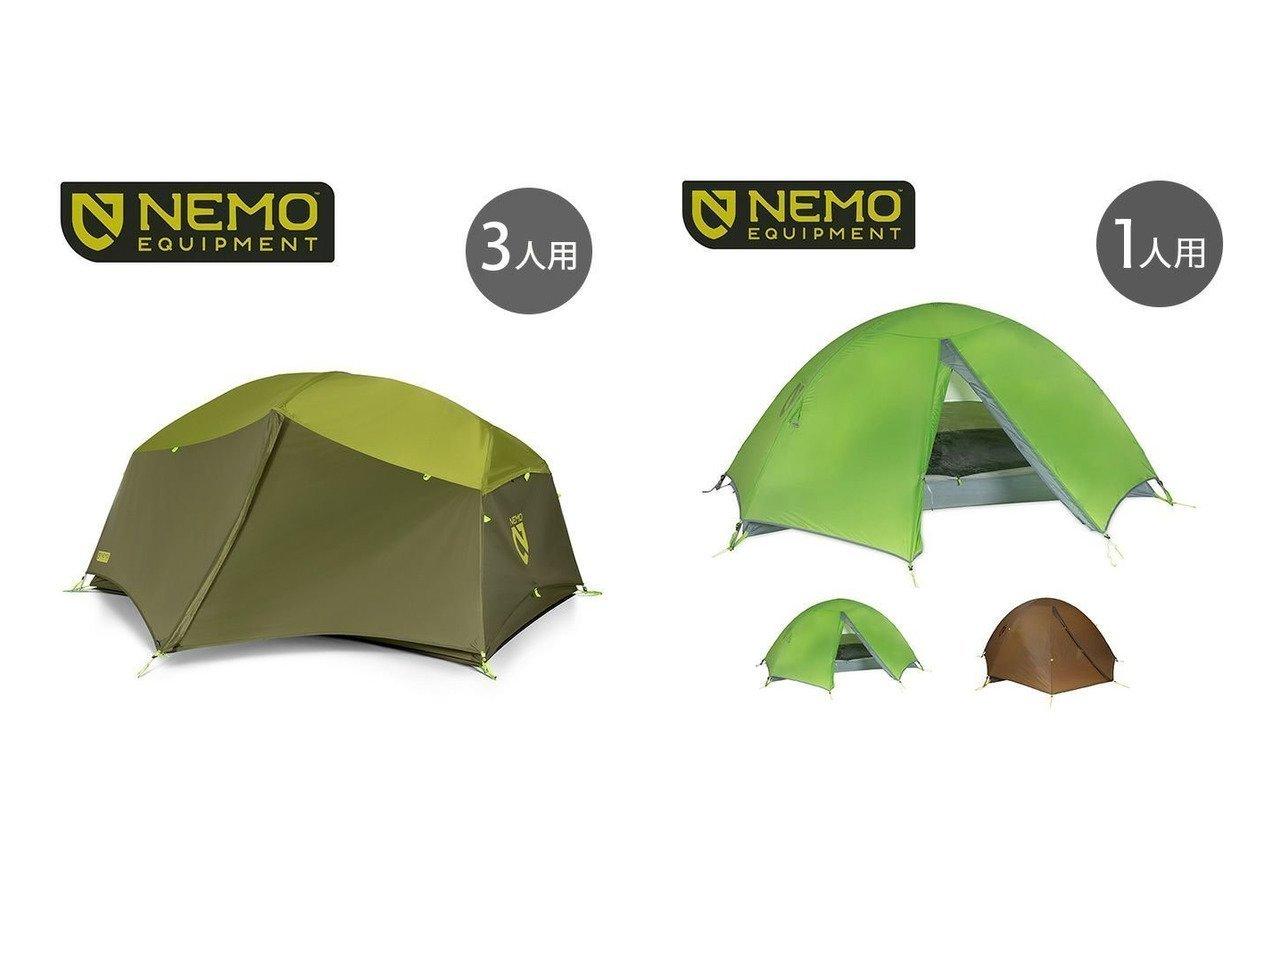 【NEMO Equipment/ニーモイクイップメント】のオーロラ 3P&アトム 1P おすすめ!人気キャンプ・アウトドア用品の通販 おすすめファッション通販アイテム インテリア・キッズ・メンズ・レディースファッション・服の通販 founy(ファニー)  ファッション Fashion メンズファッション MEN インナー シェイプ スクエア ポケット メッシュ |ID:crp329100000037456